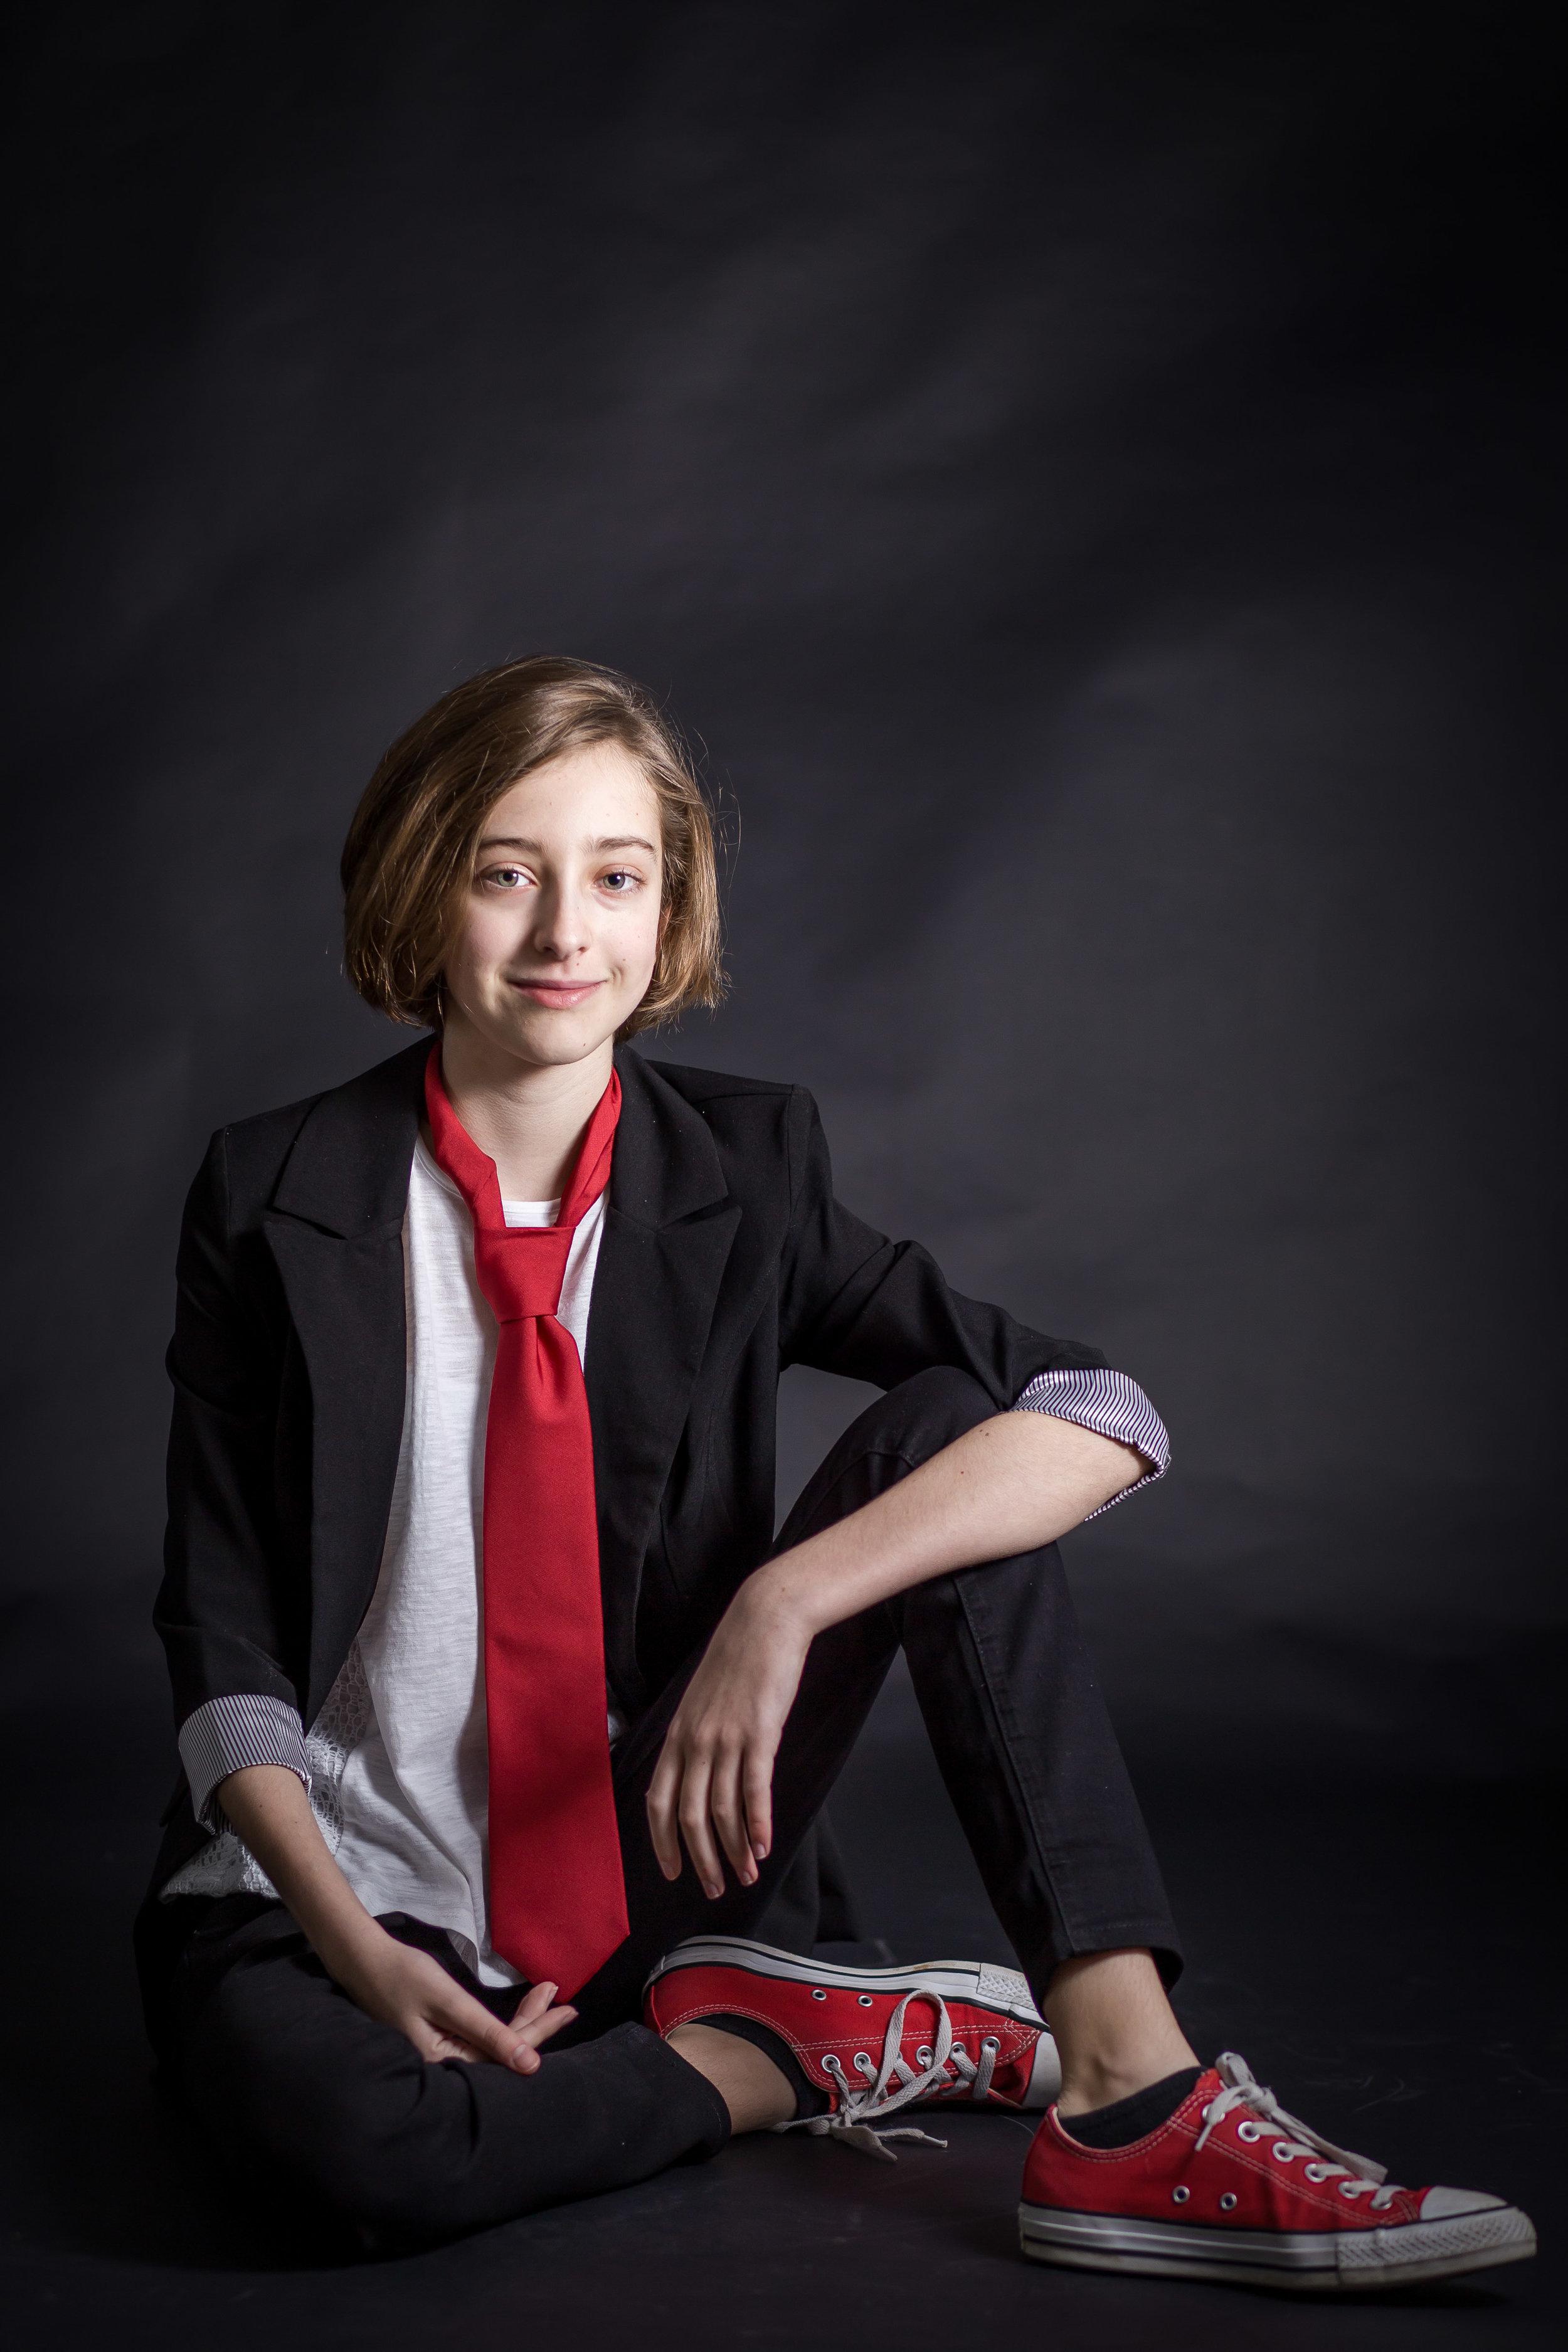 portrait of tween wearing suit